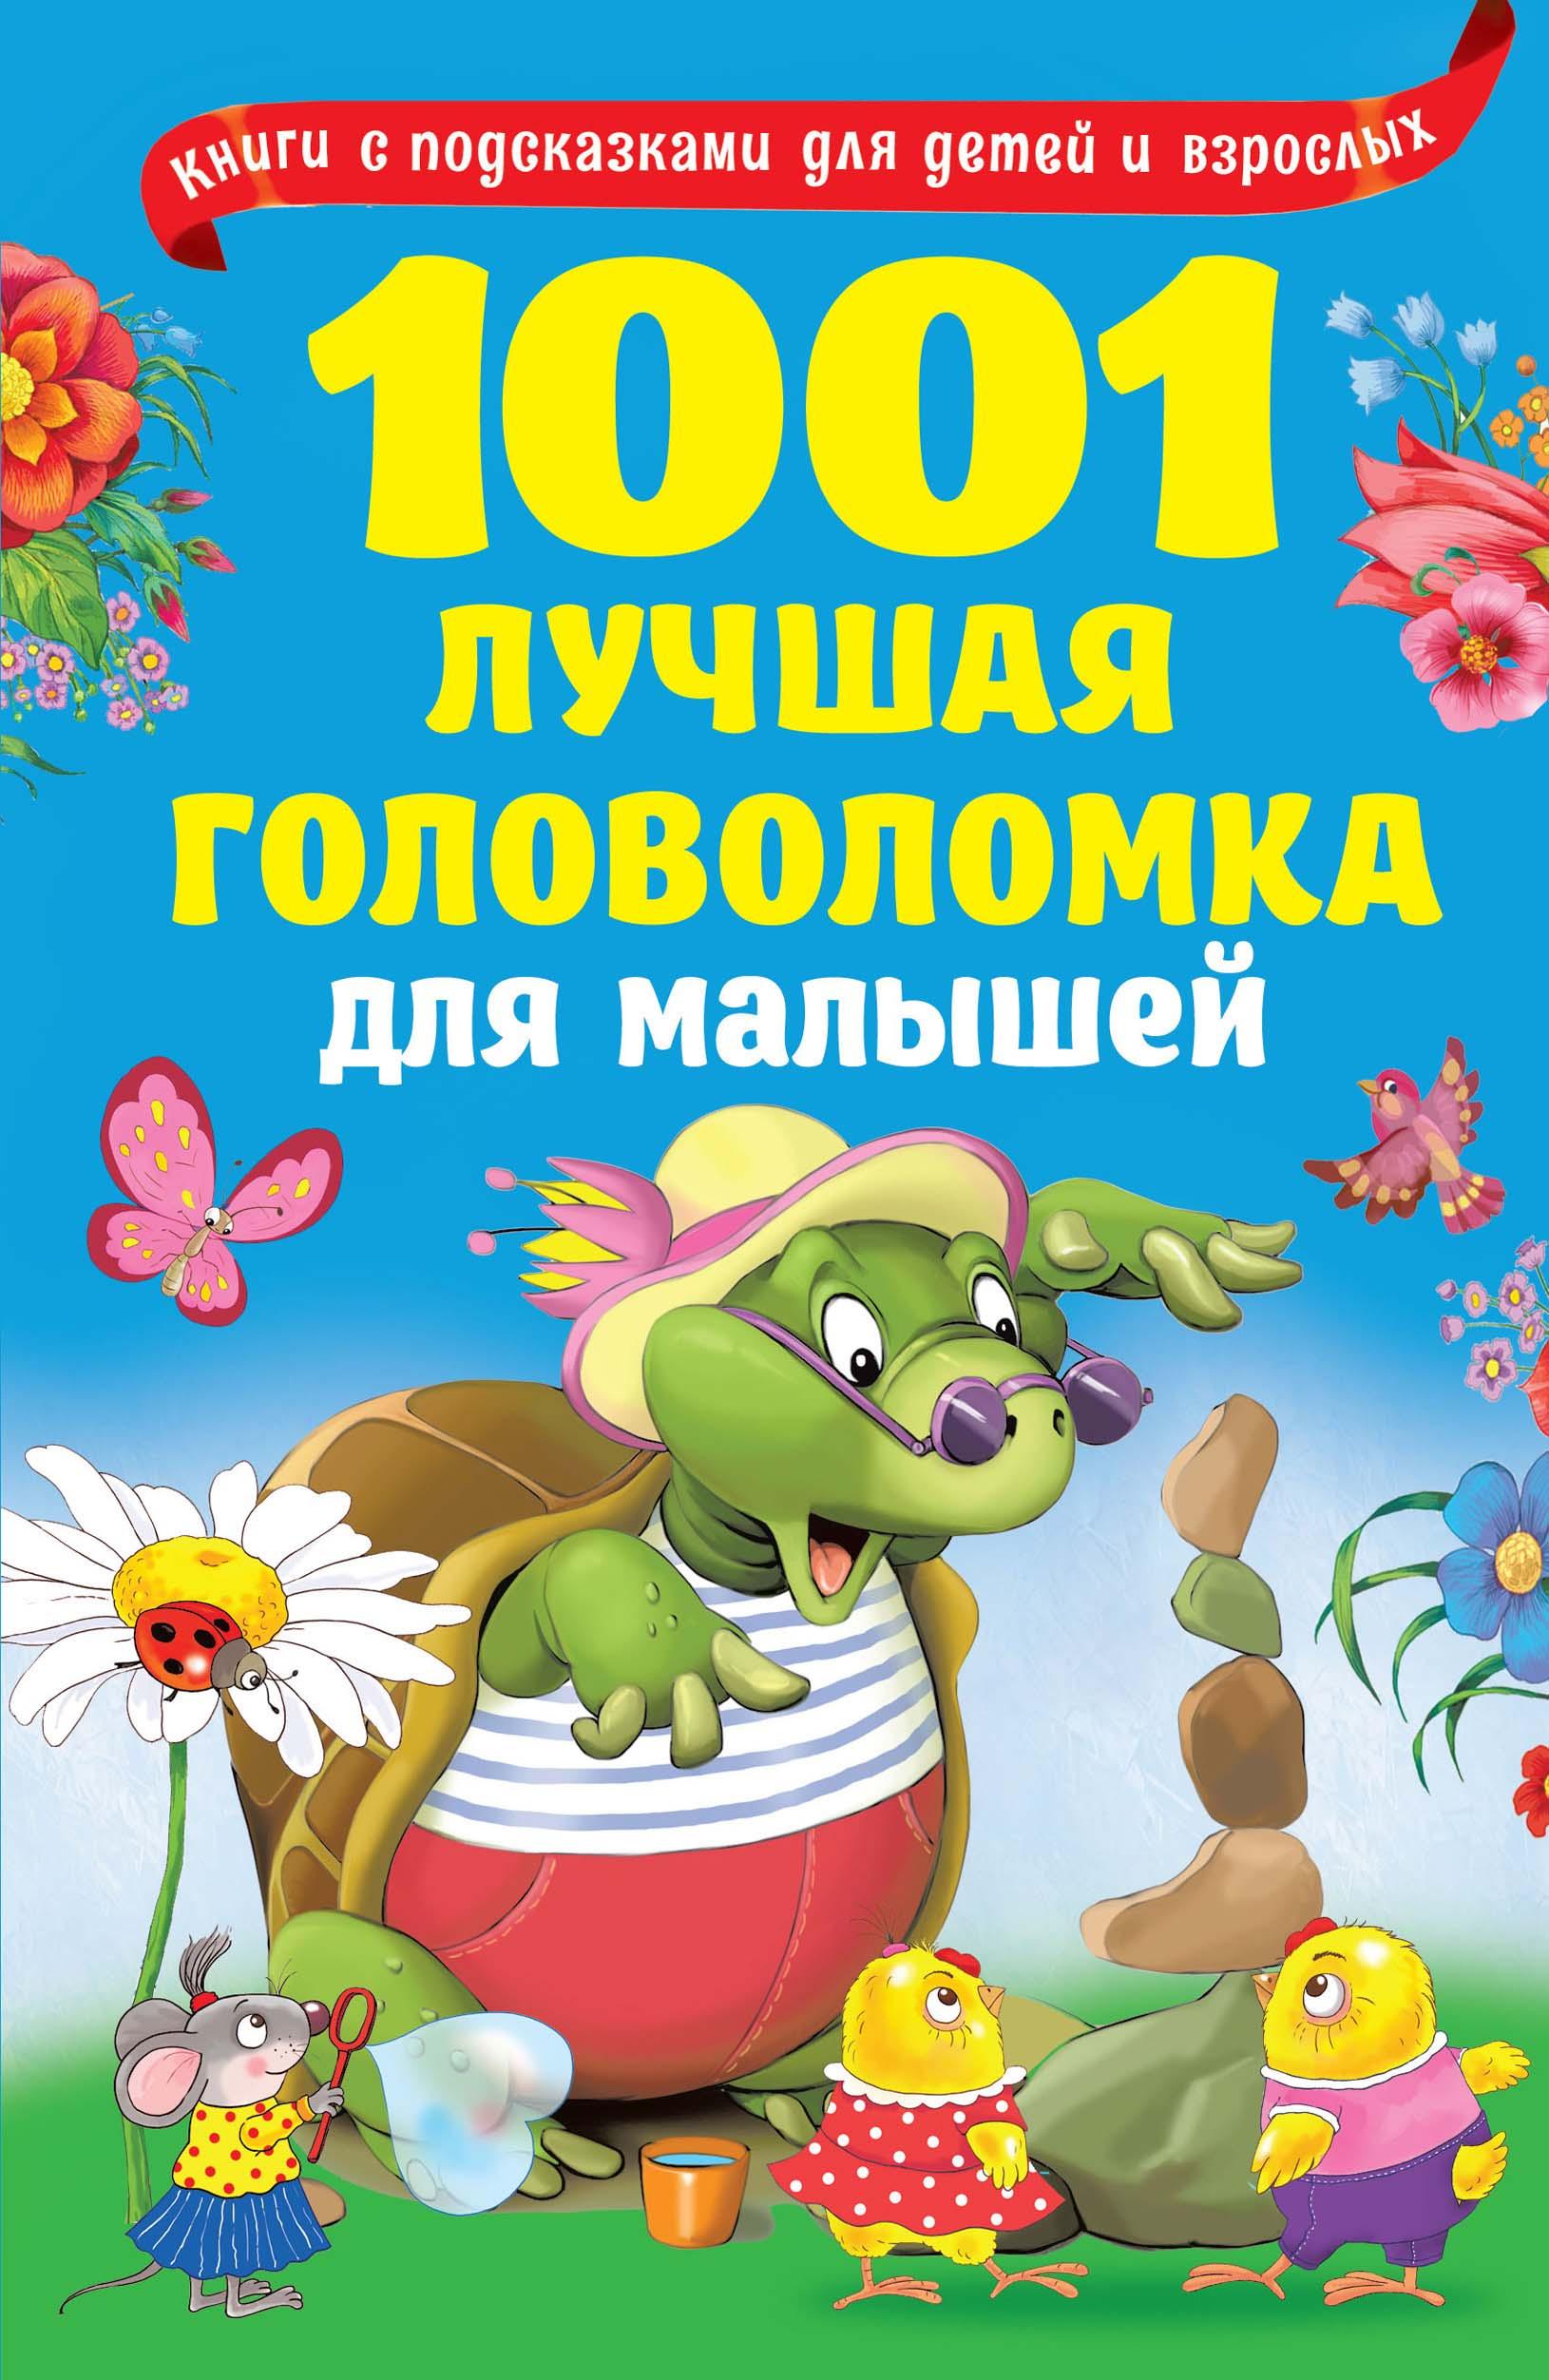 цена на В. Г. Дмитриева 1001 лучшая головоломка для малышей